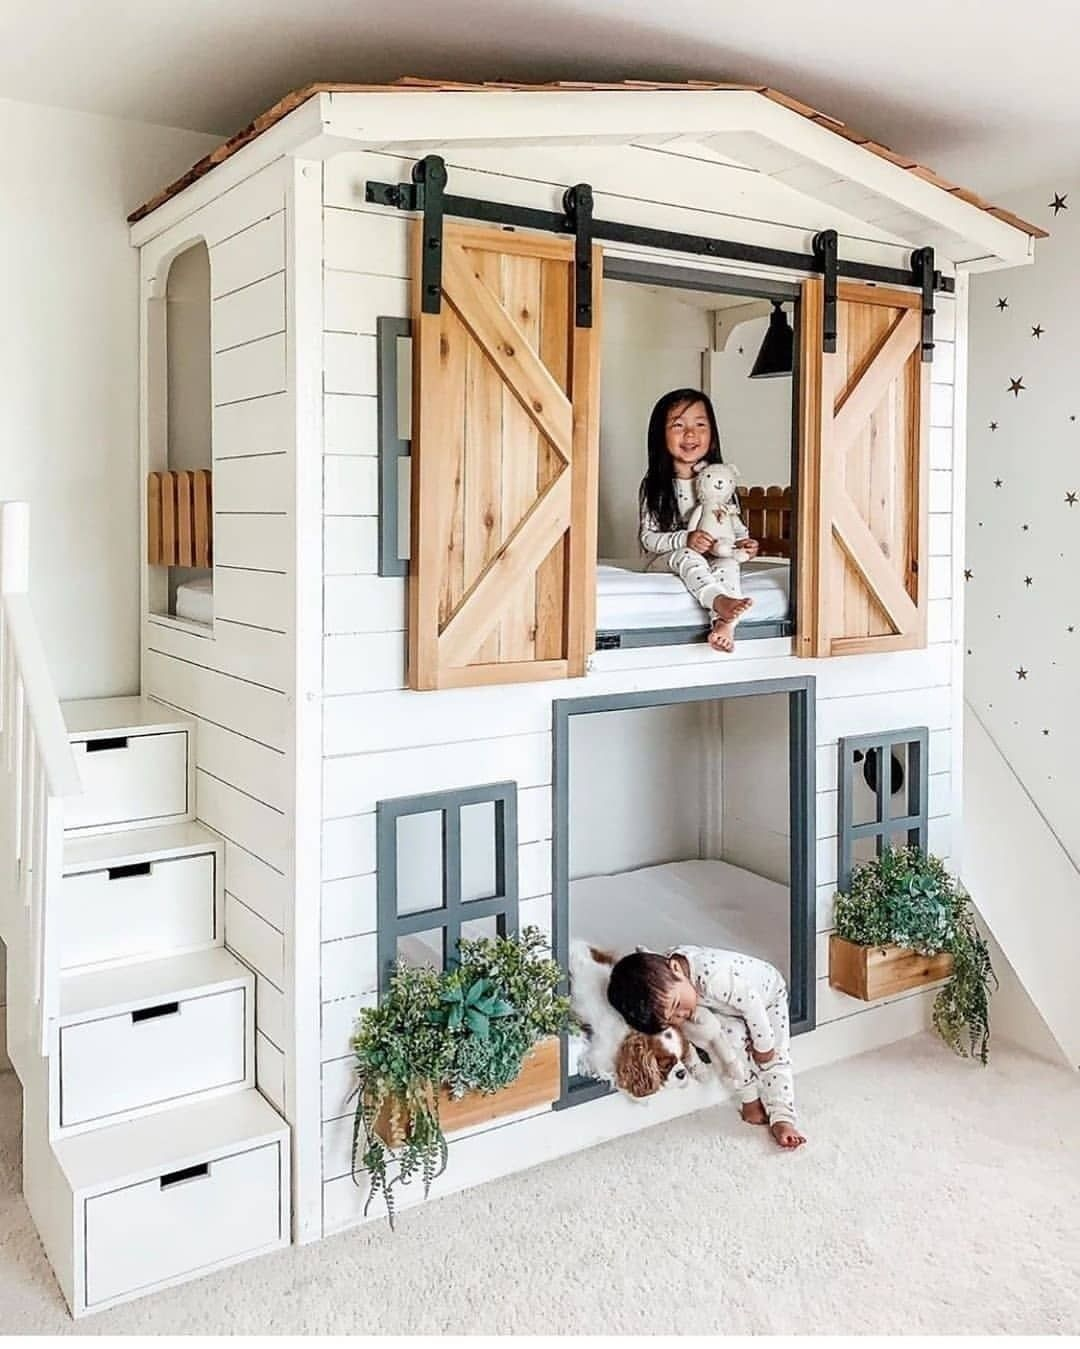 Desain Rumah Minimalis Semi Bertingkat - Download Wallpaper